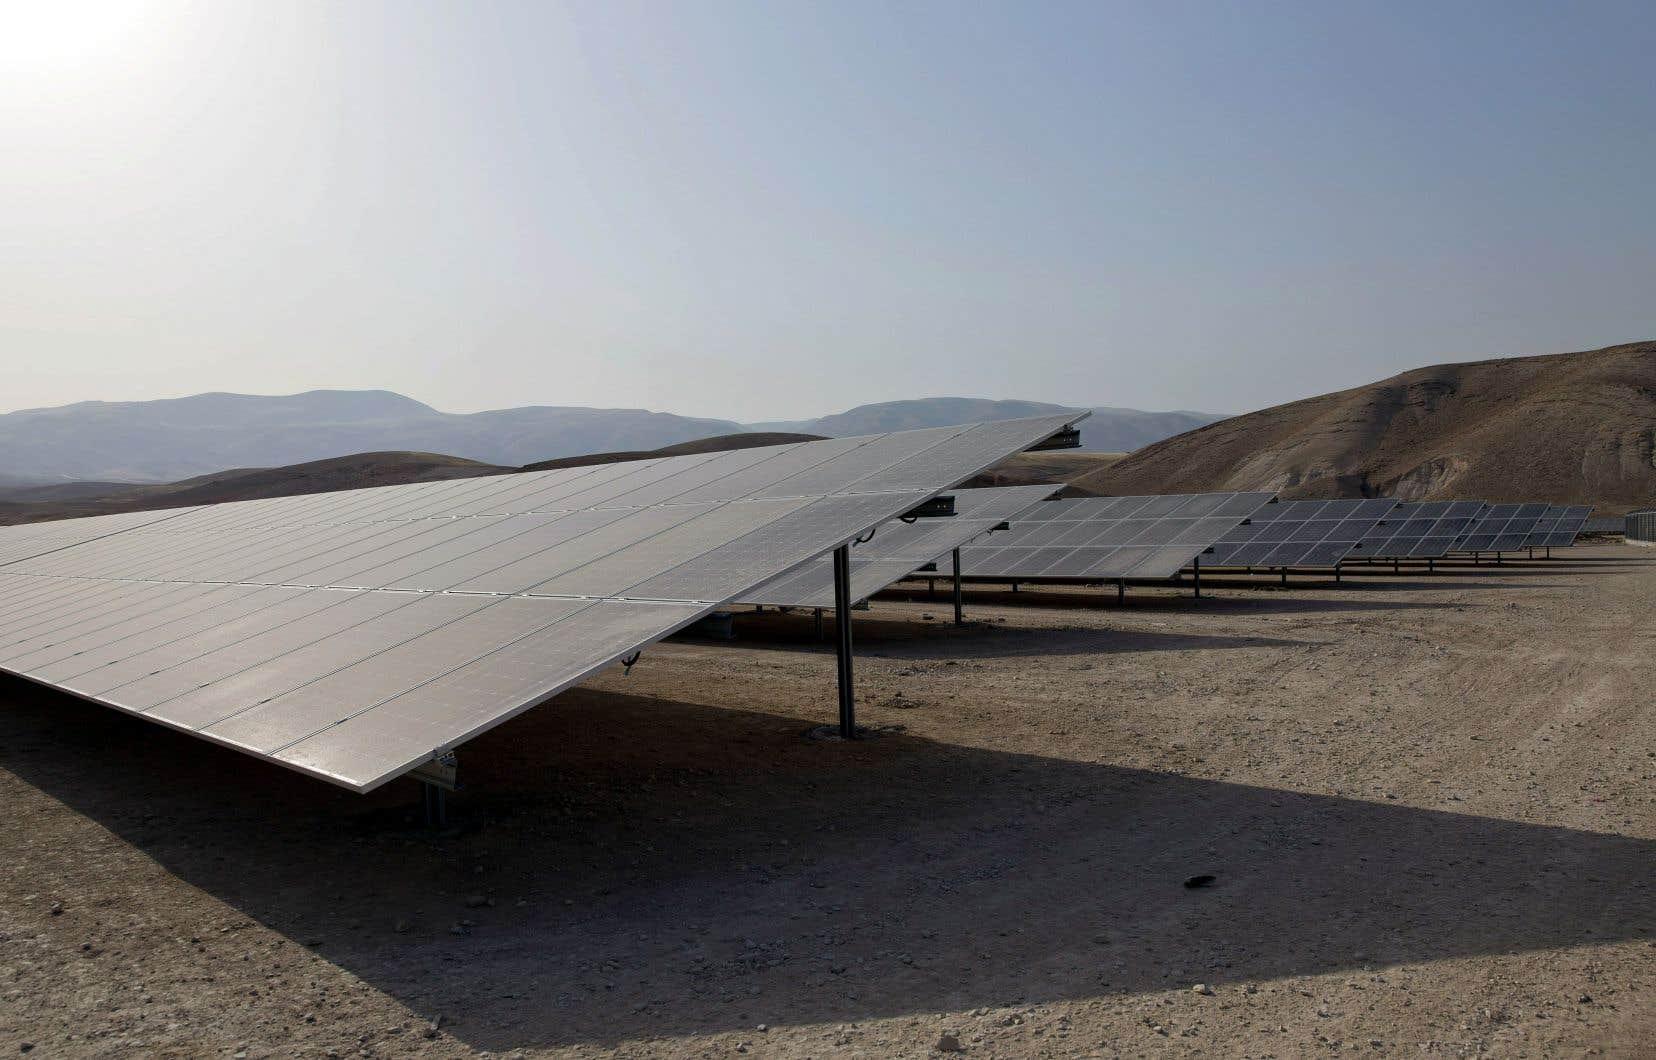 Les Émirats arabes unis visent à produire la moitié de leur énergie avec des sources renouvelables d'ici 30 ans.